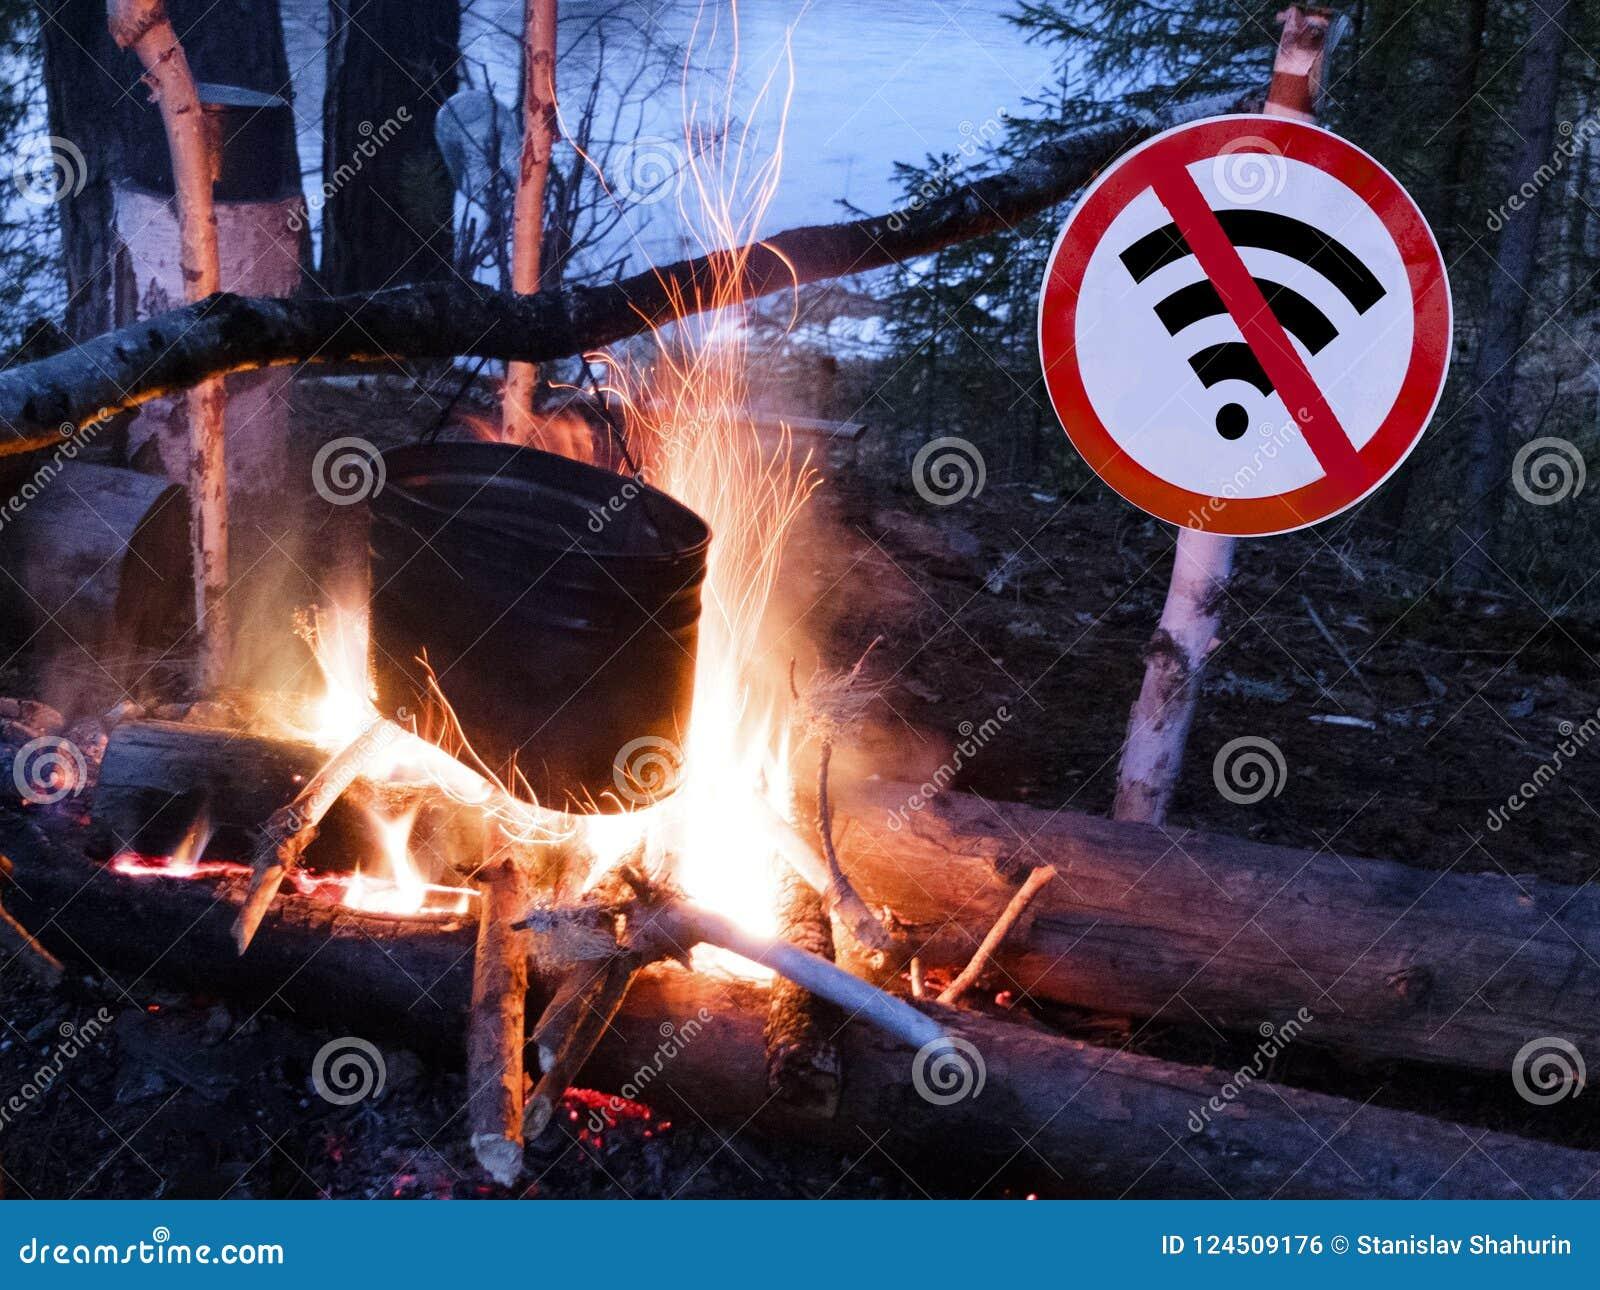 Το σημάδι wifi αριθ. κοντά στην πυρκαγιά και δοχείο στην παραλία ψηφιακά έννοια και σπάσιμο detox από την τεχνολογία